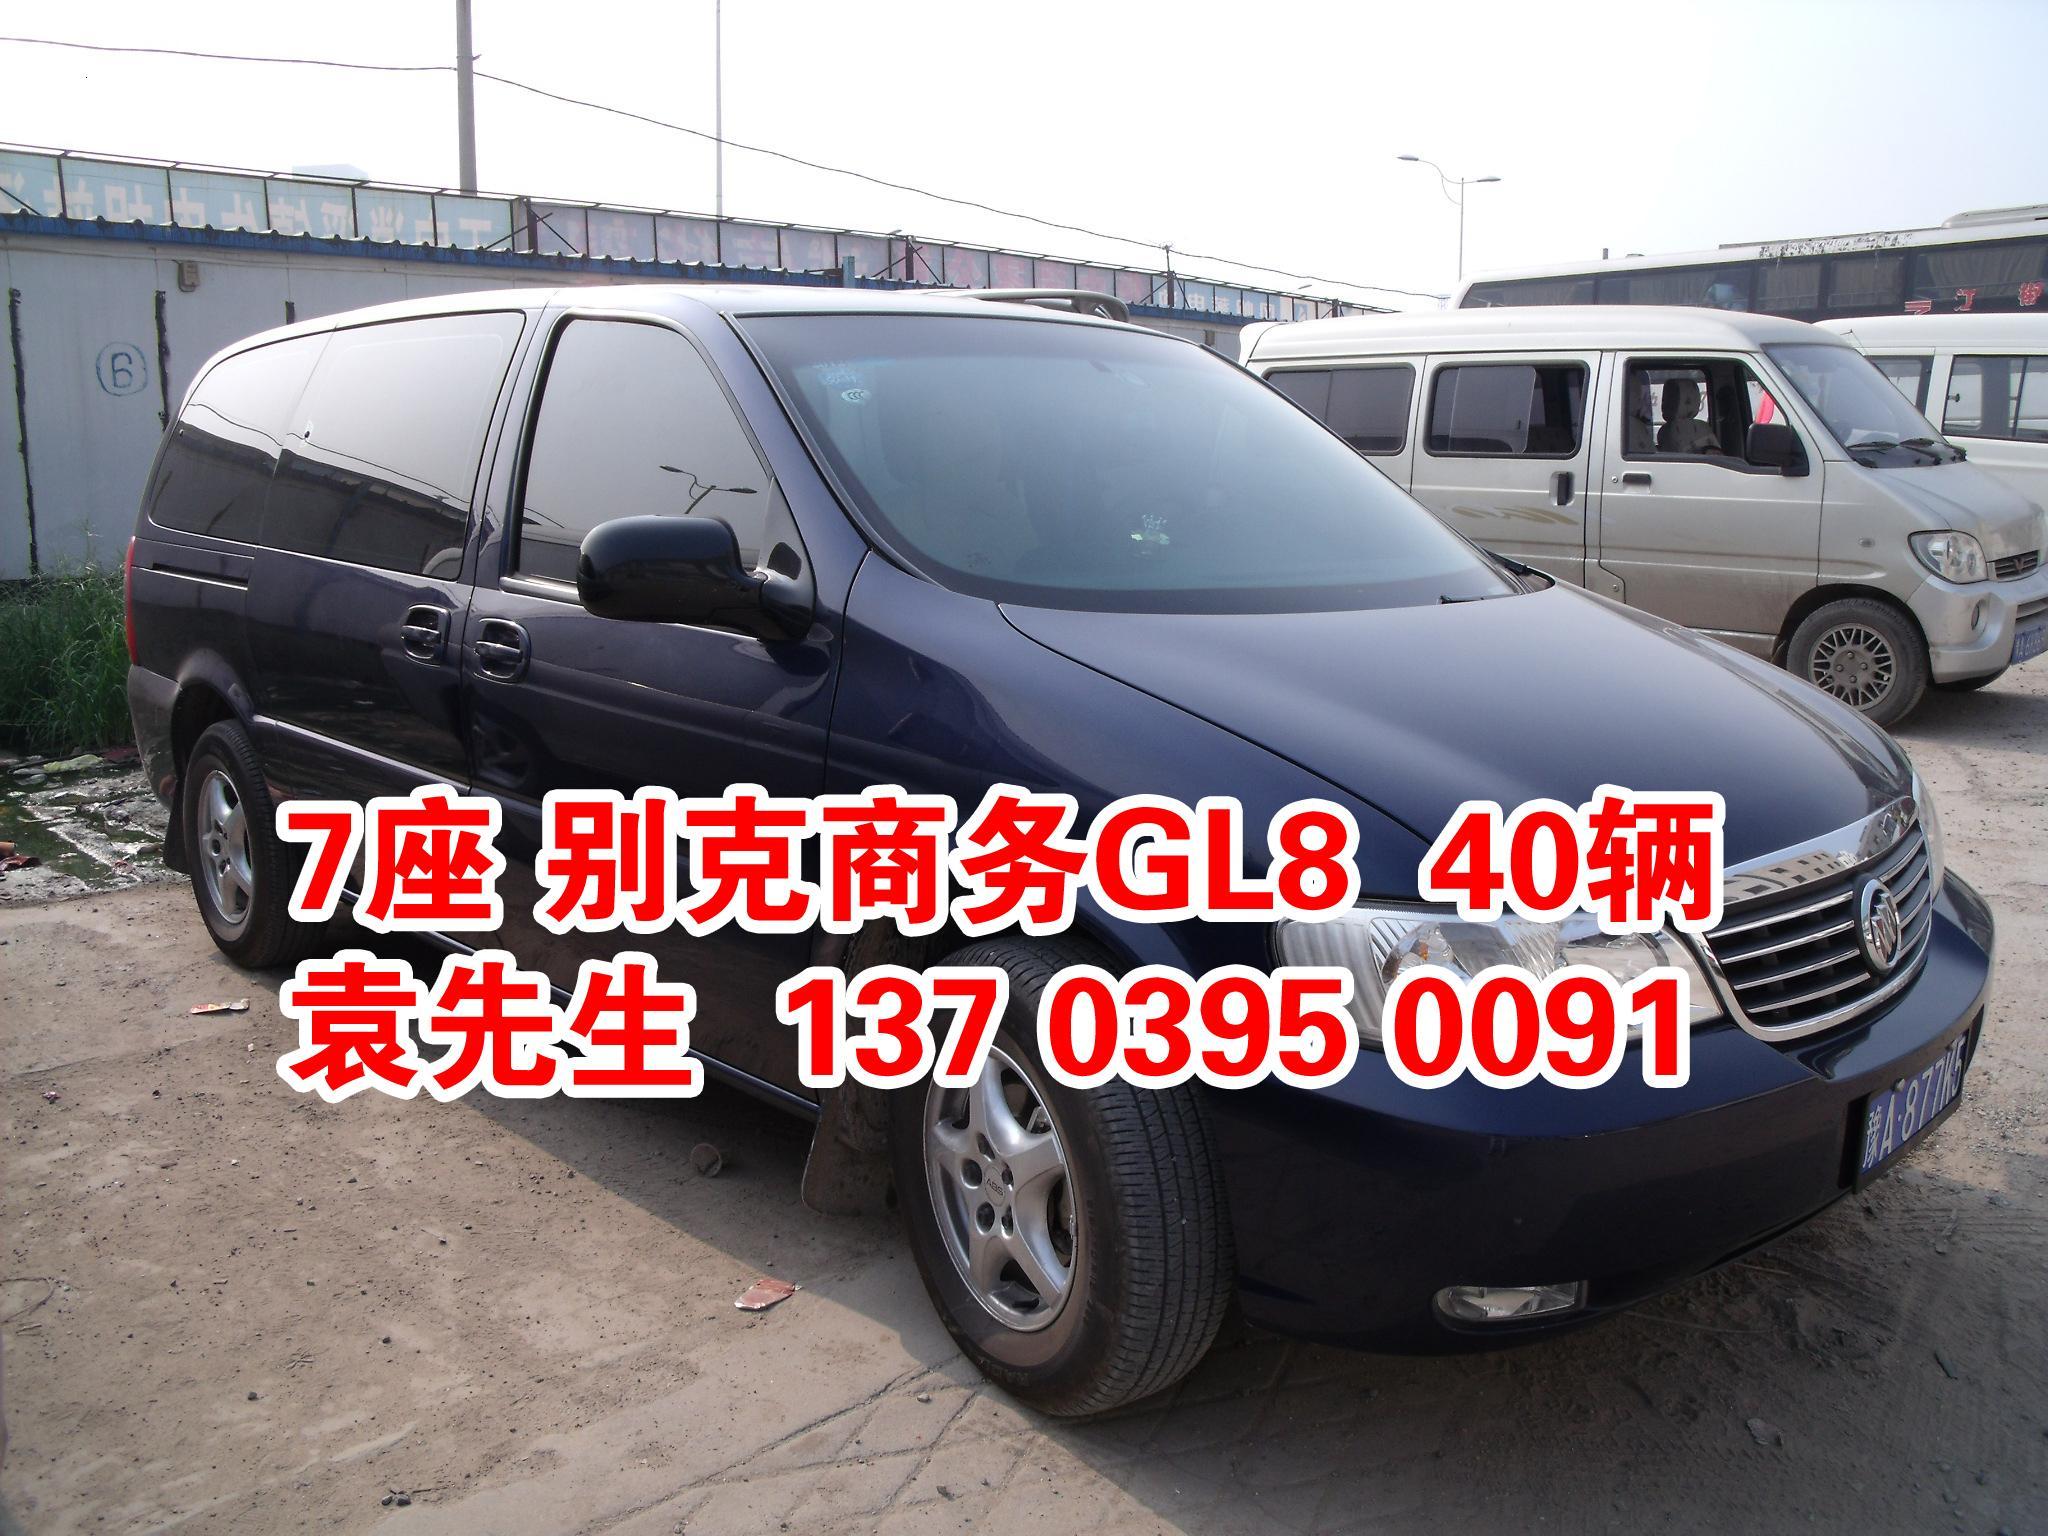 7座 别克商务GL8 (65辆)